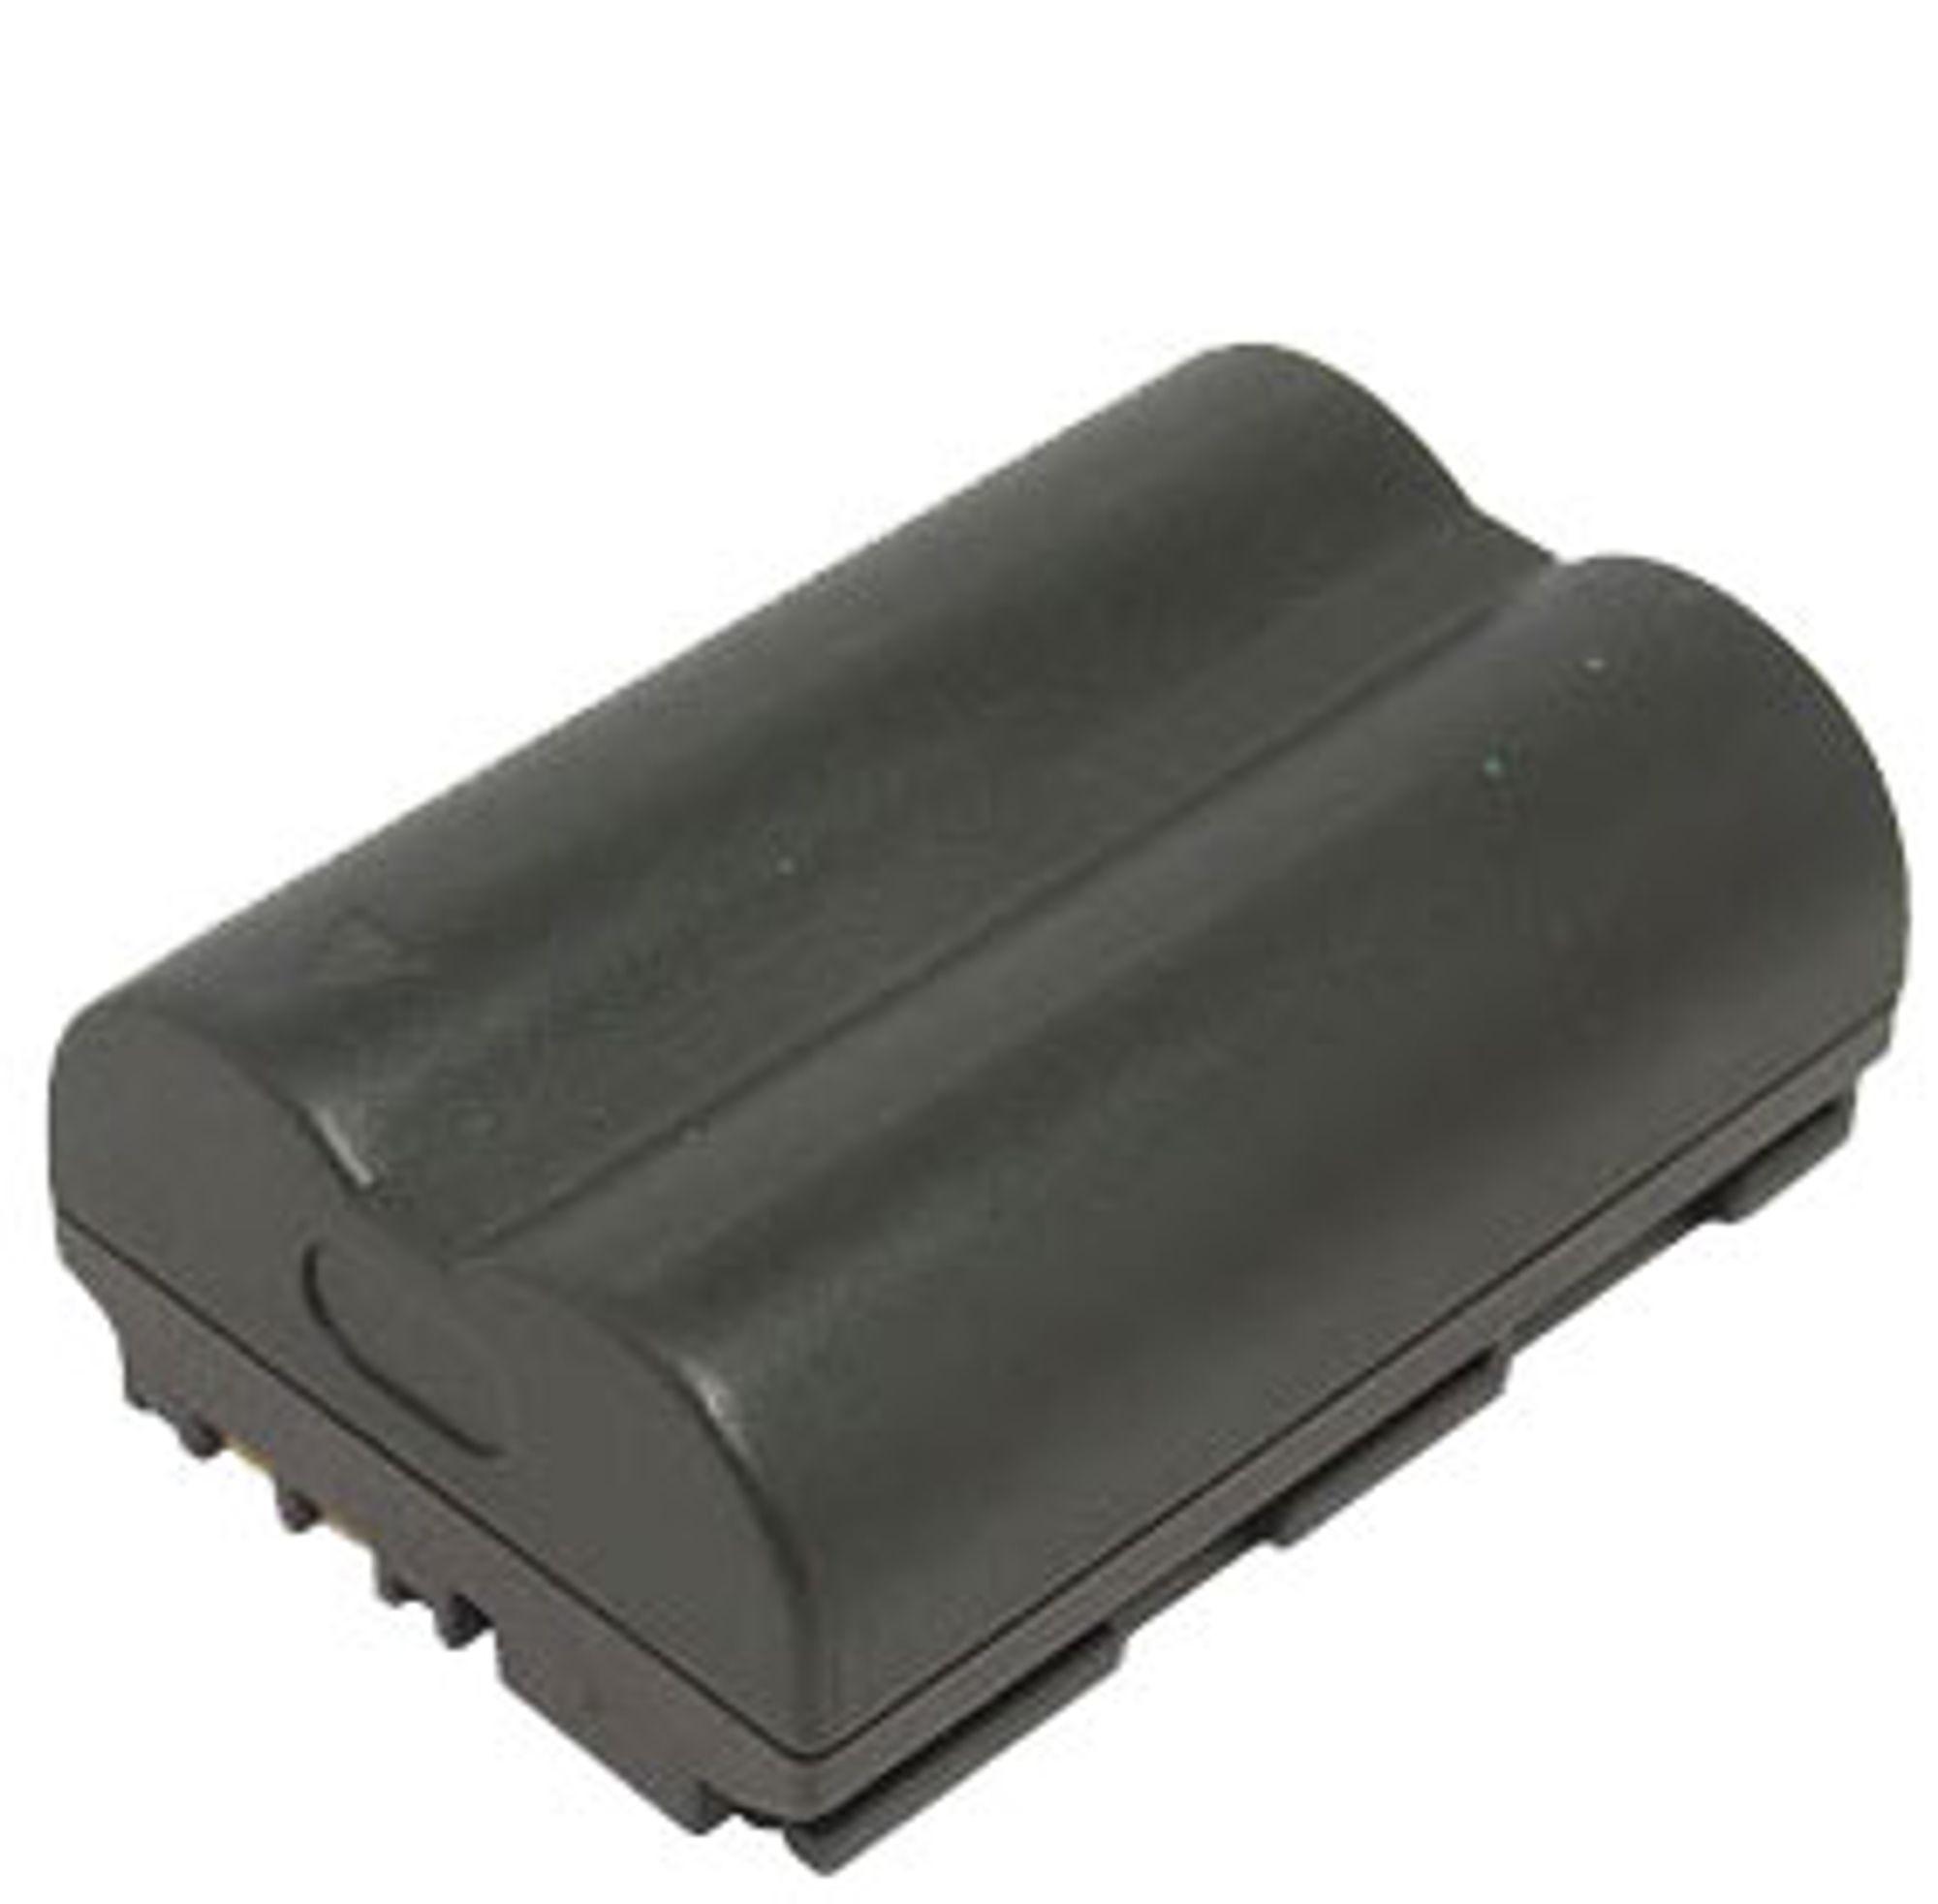 Ser ikke alle speilrefleksbatterier slik ut?